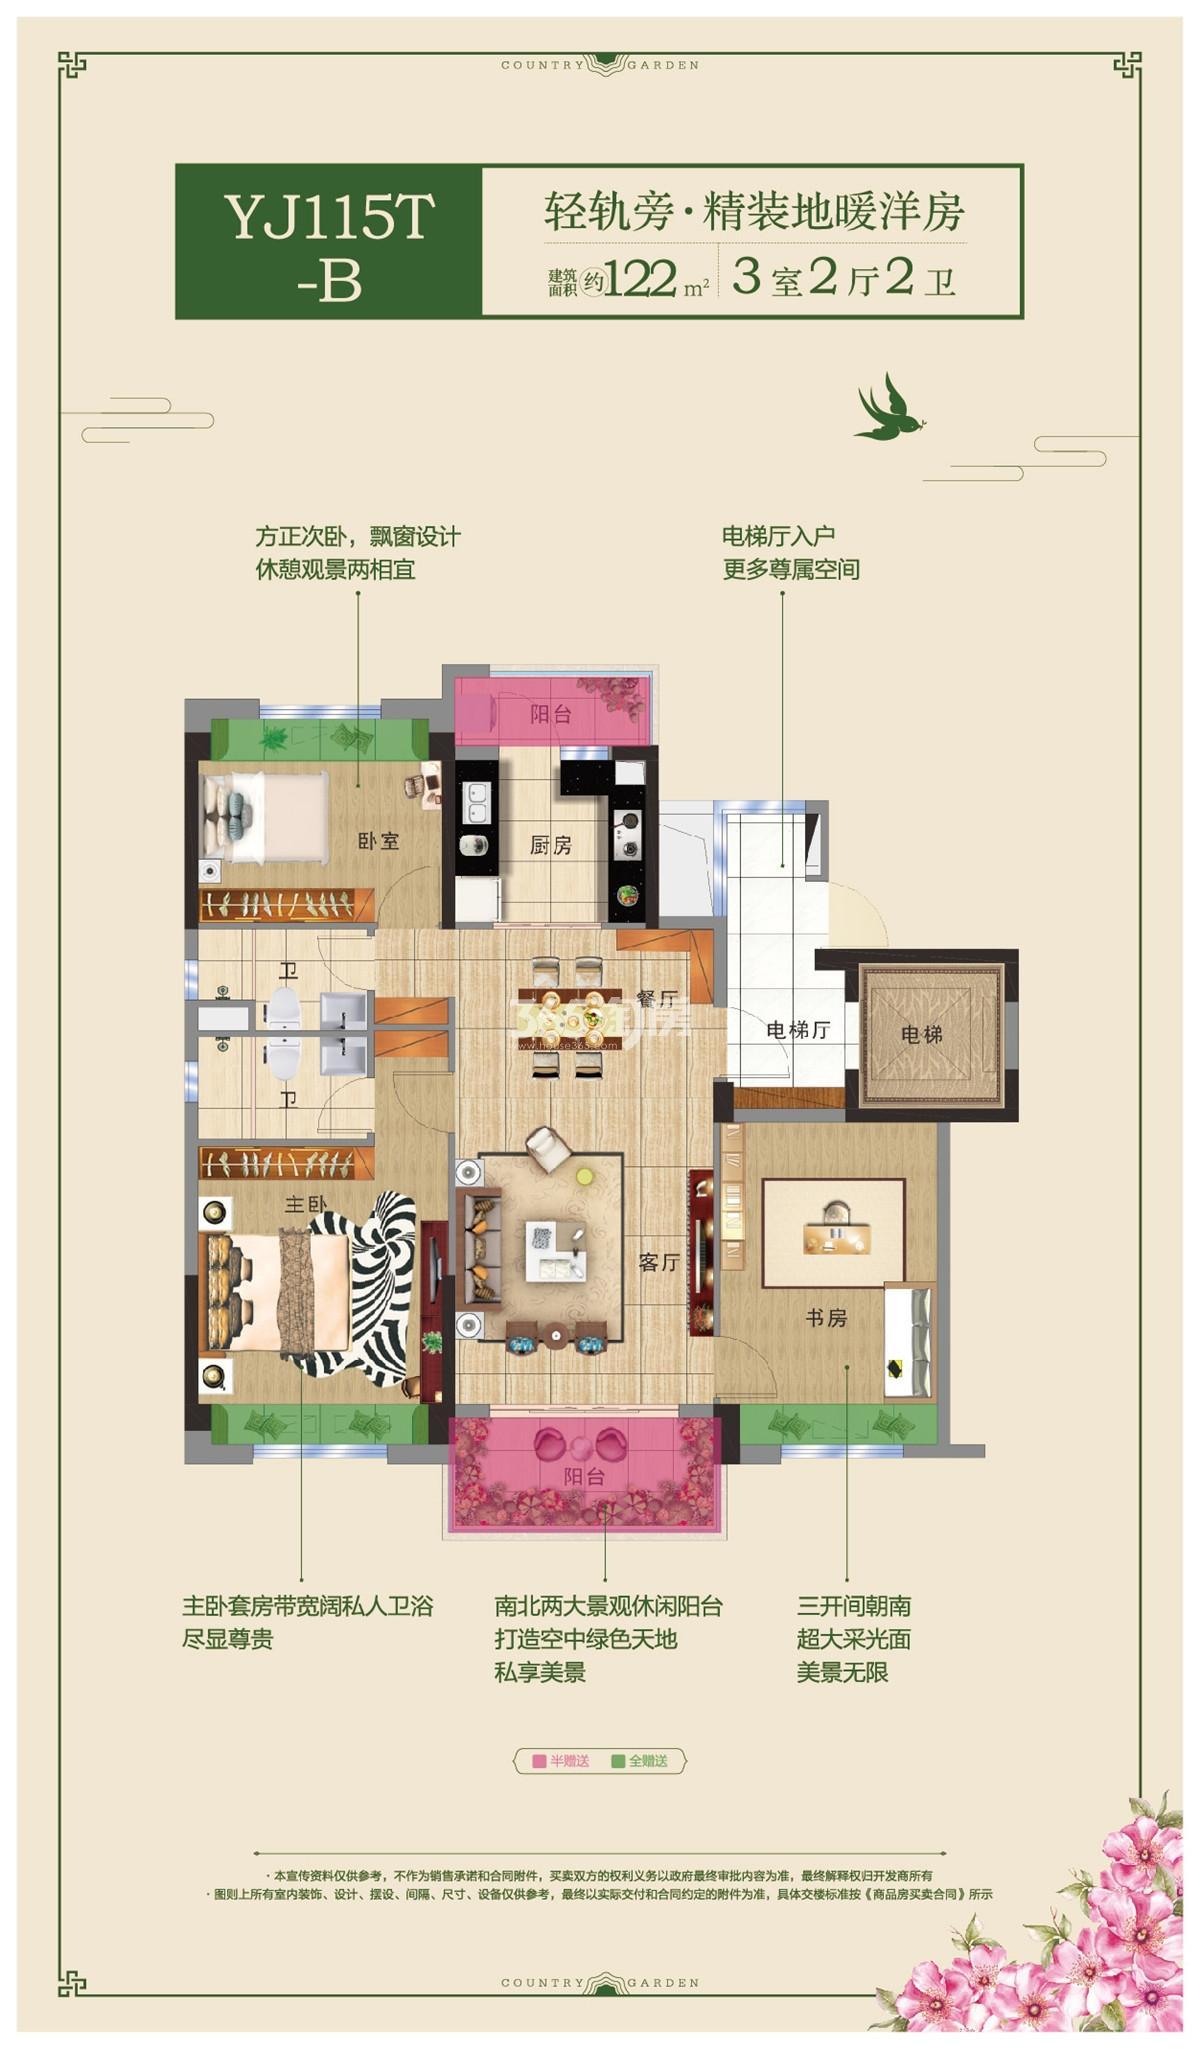 碧桂园十里春风户型图